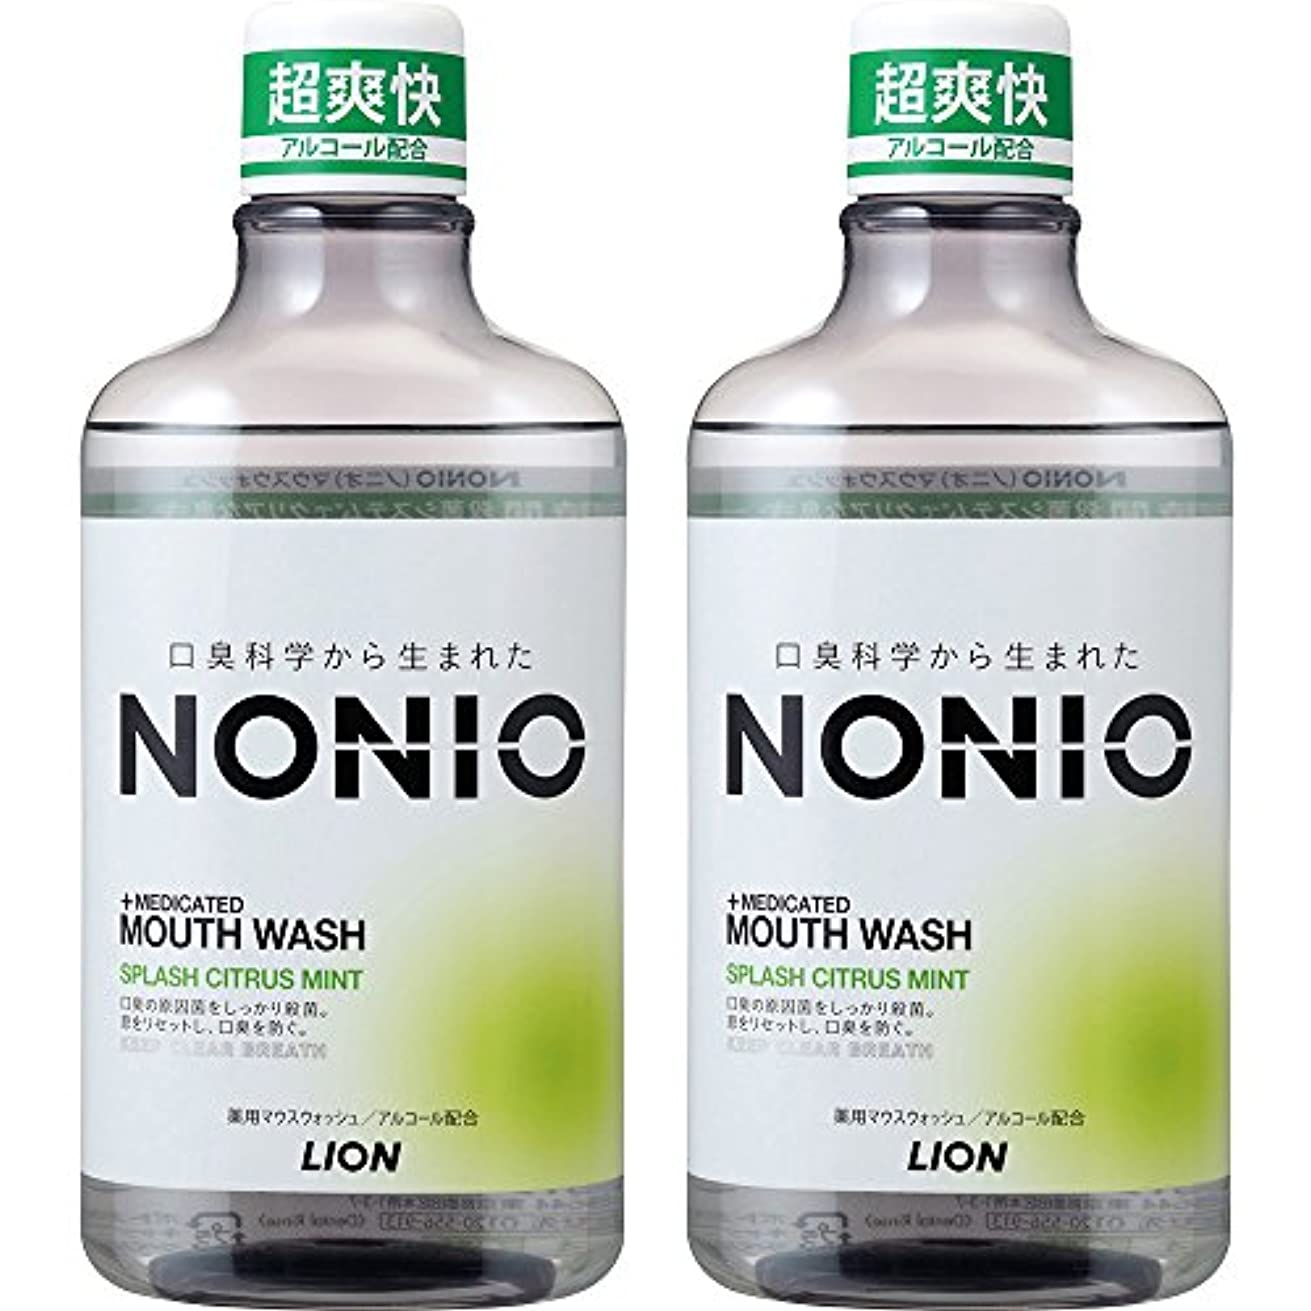 約設定ピースライター[医薬部外品]NONIO マウスウォッシュ スプラッシュシトラスミント 600ml×2個 洗口液